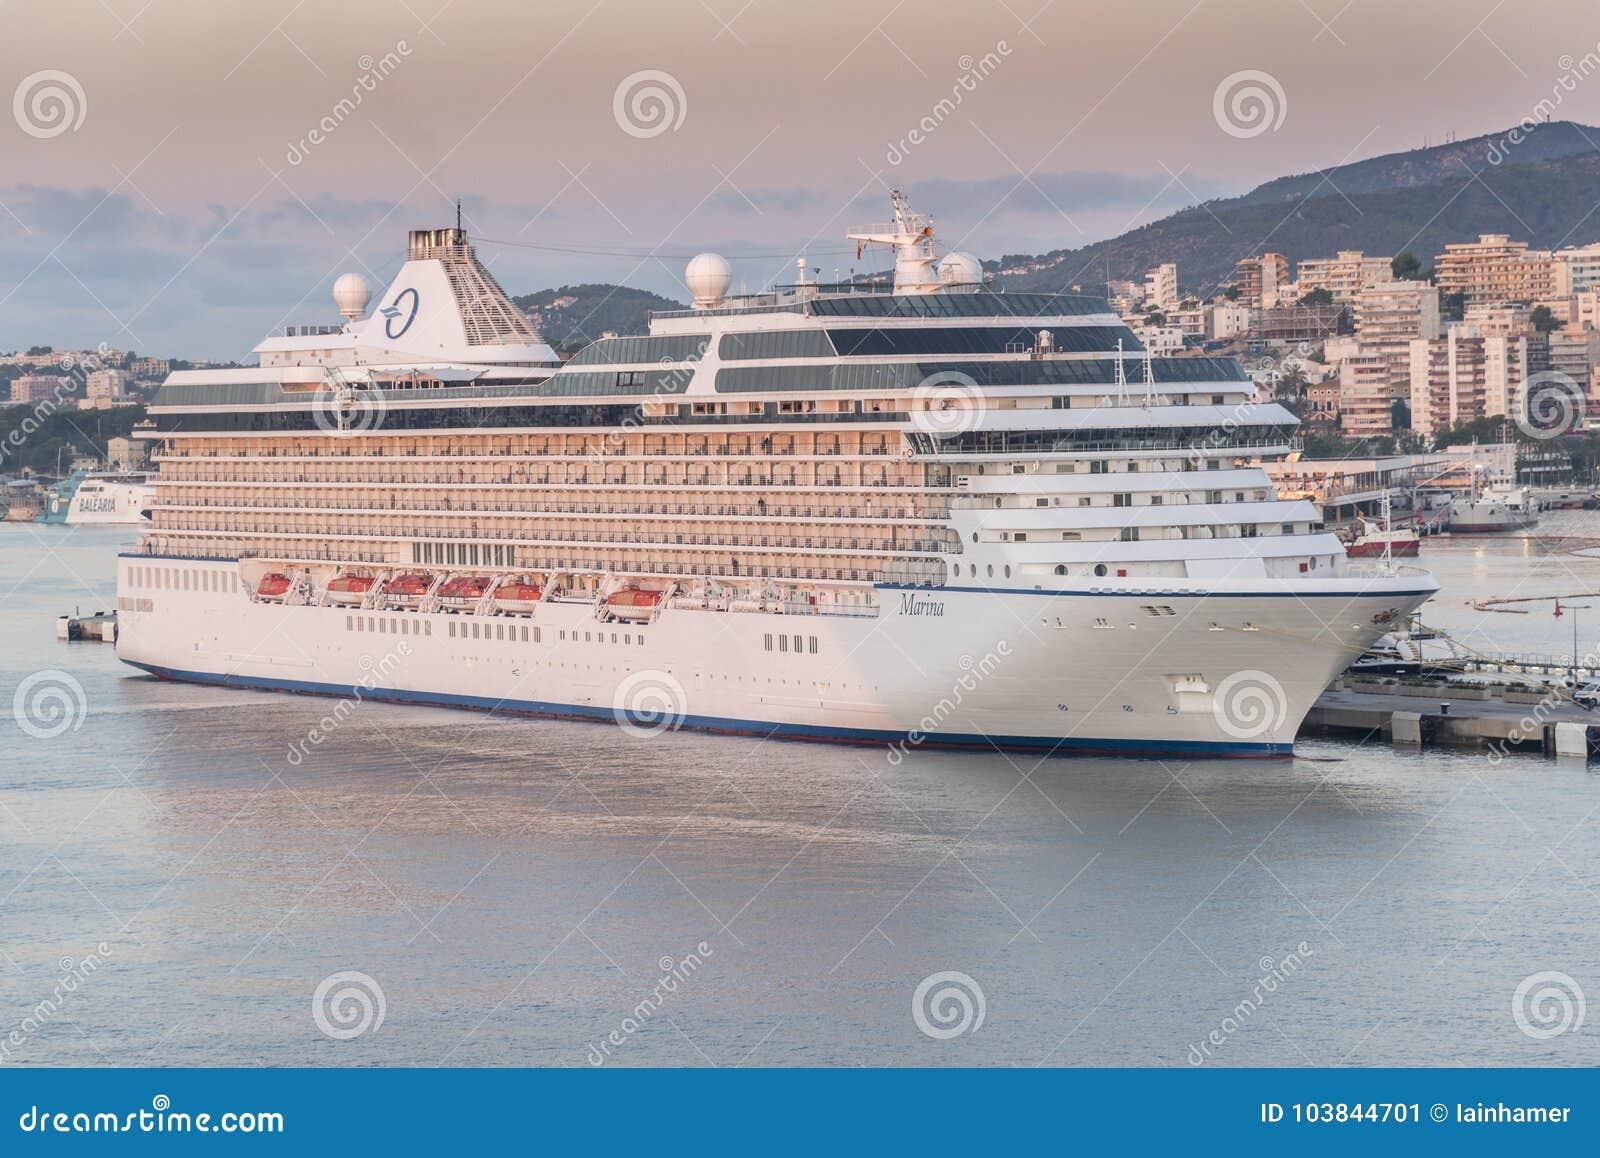 Oceania Cruises Cruise Ship Marina In Palma At Sunrise